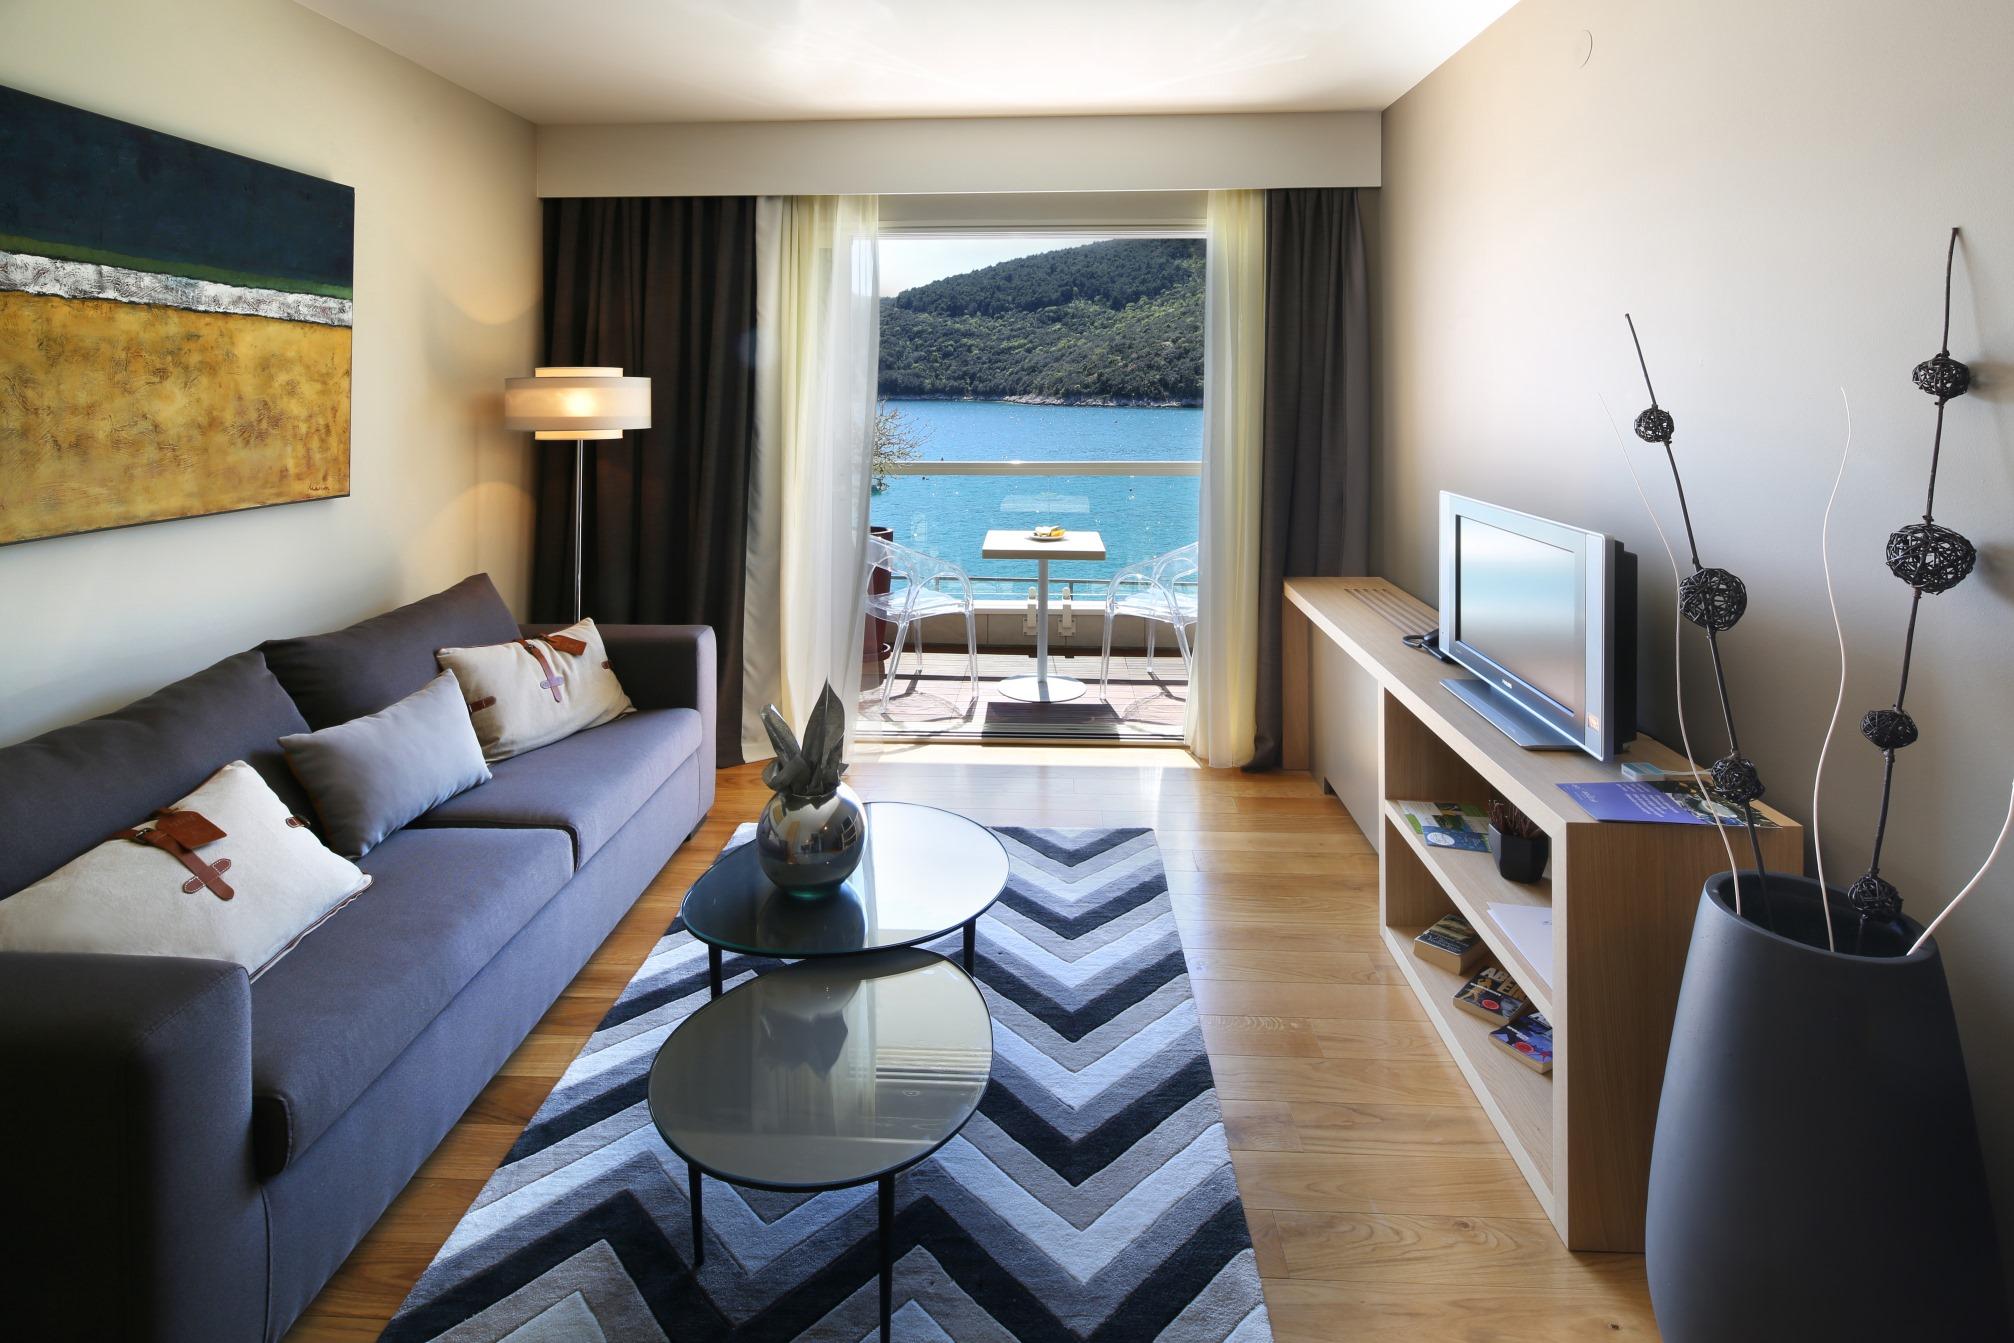 Prvoklasna usluga s otmjenim sobama čeka vas u Hotelu i Villi Adoral u Rapcu